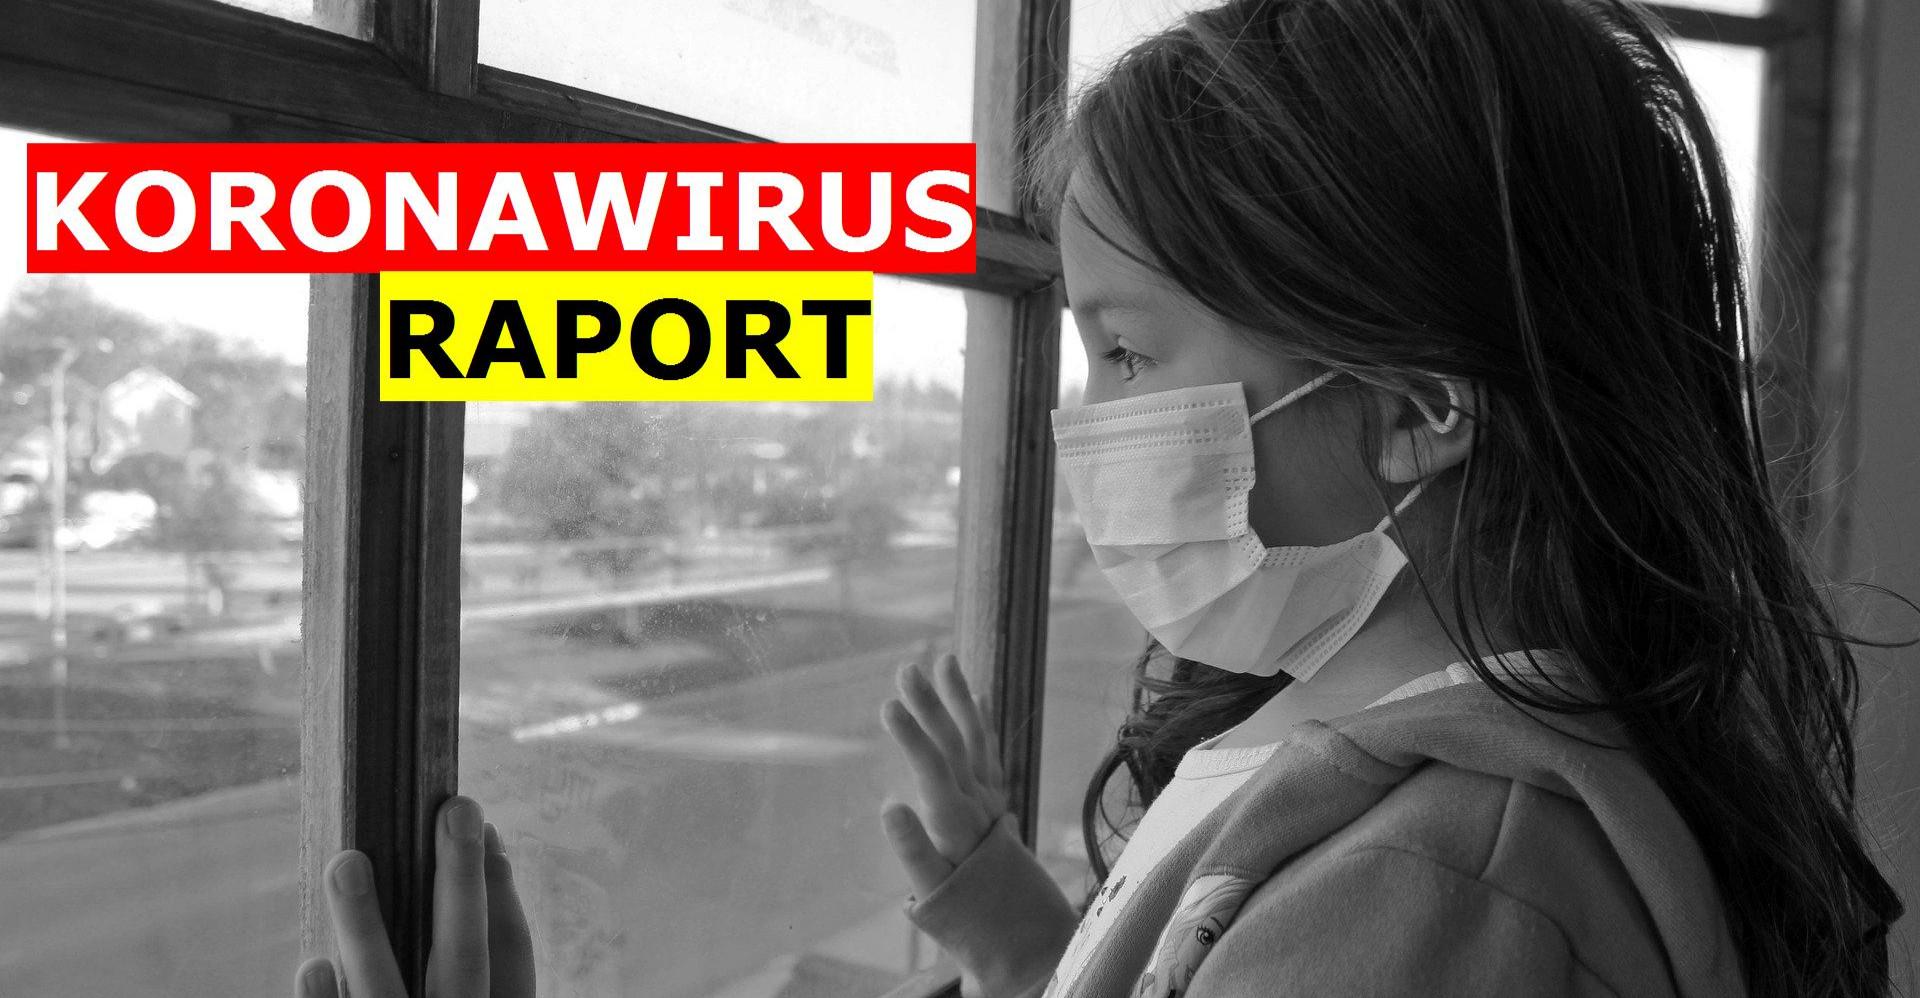 Kolejna fala nowych zakażeń koronawirusem na Podkarpaciu